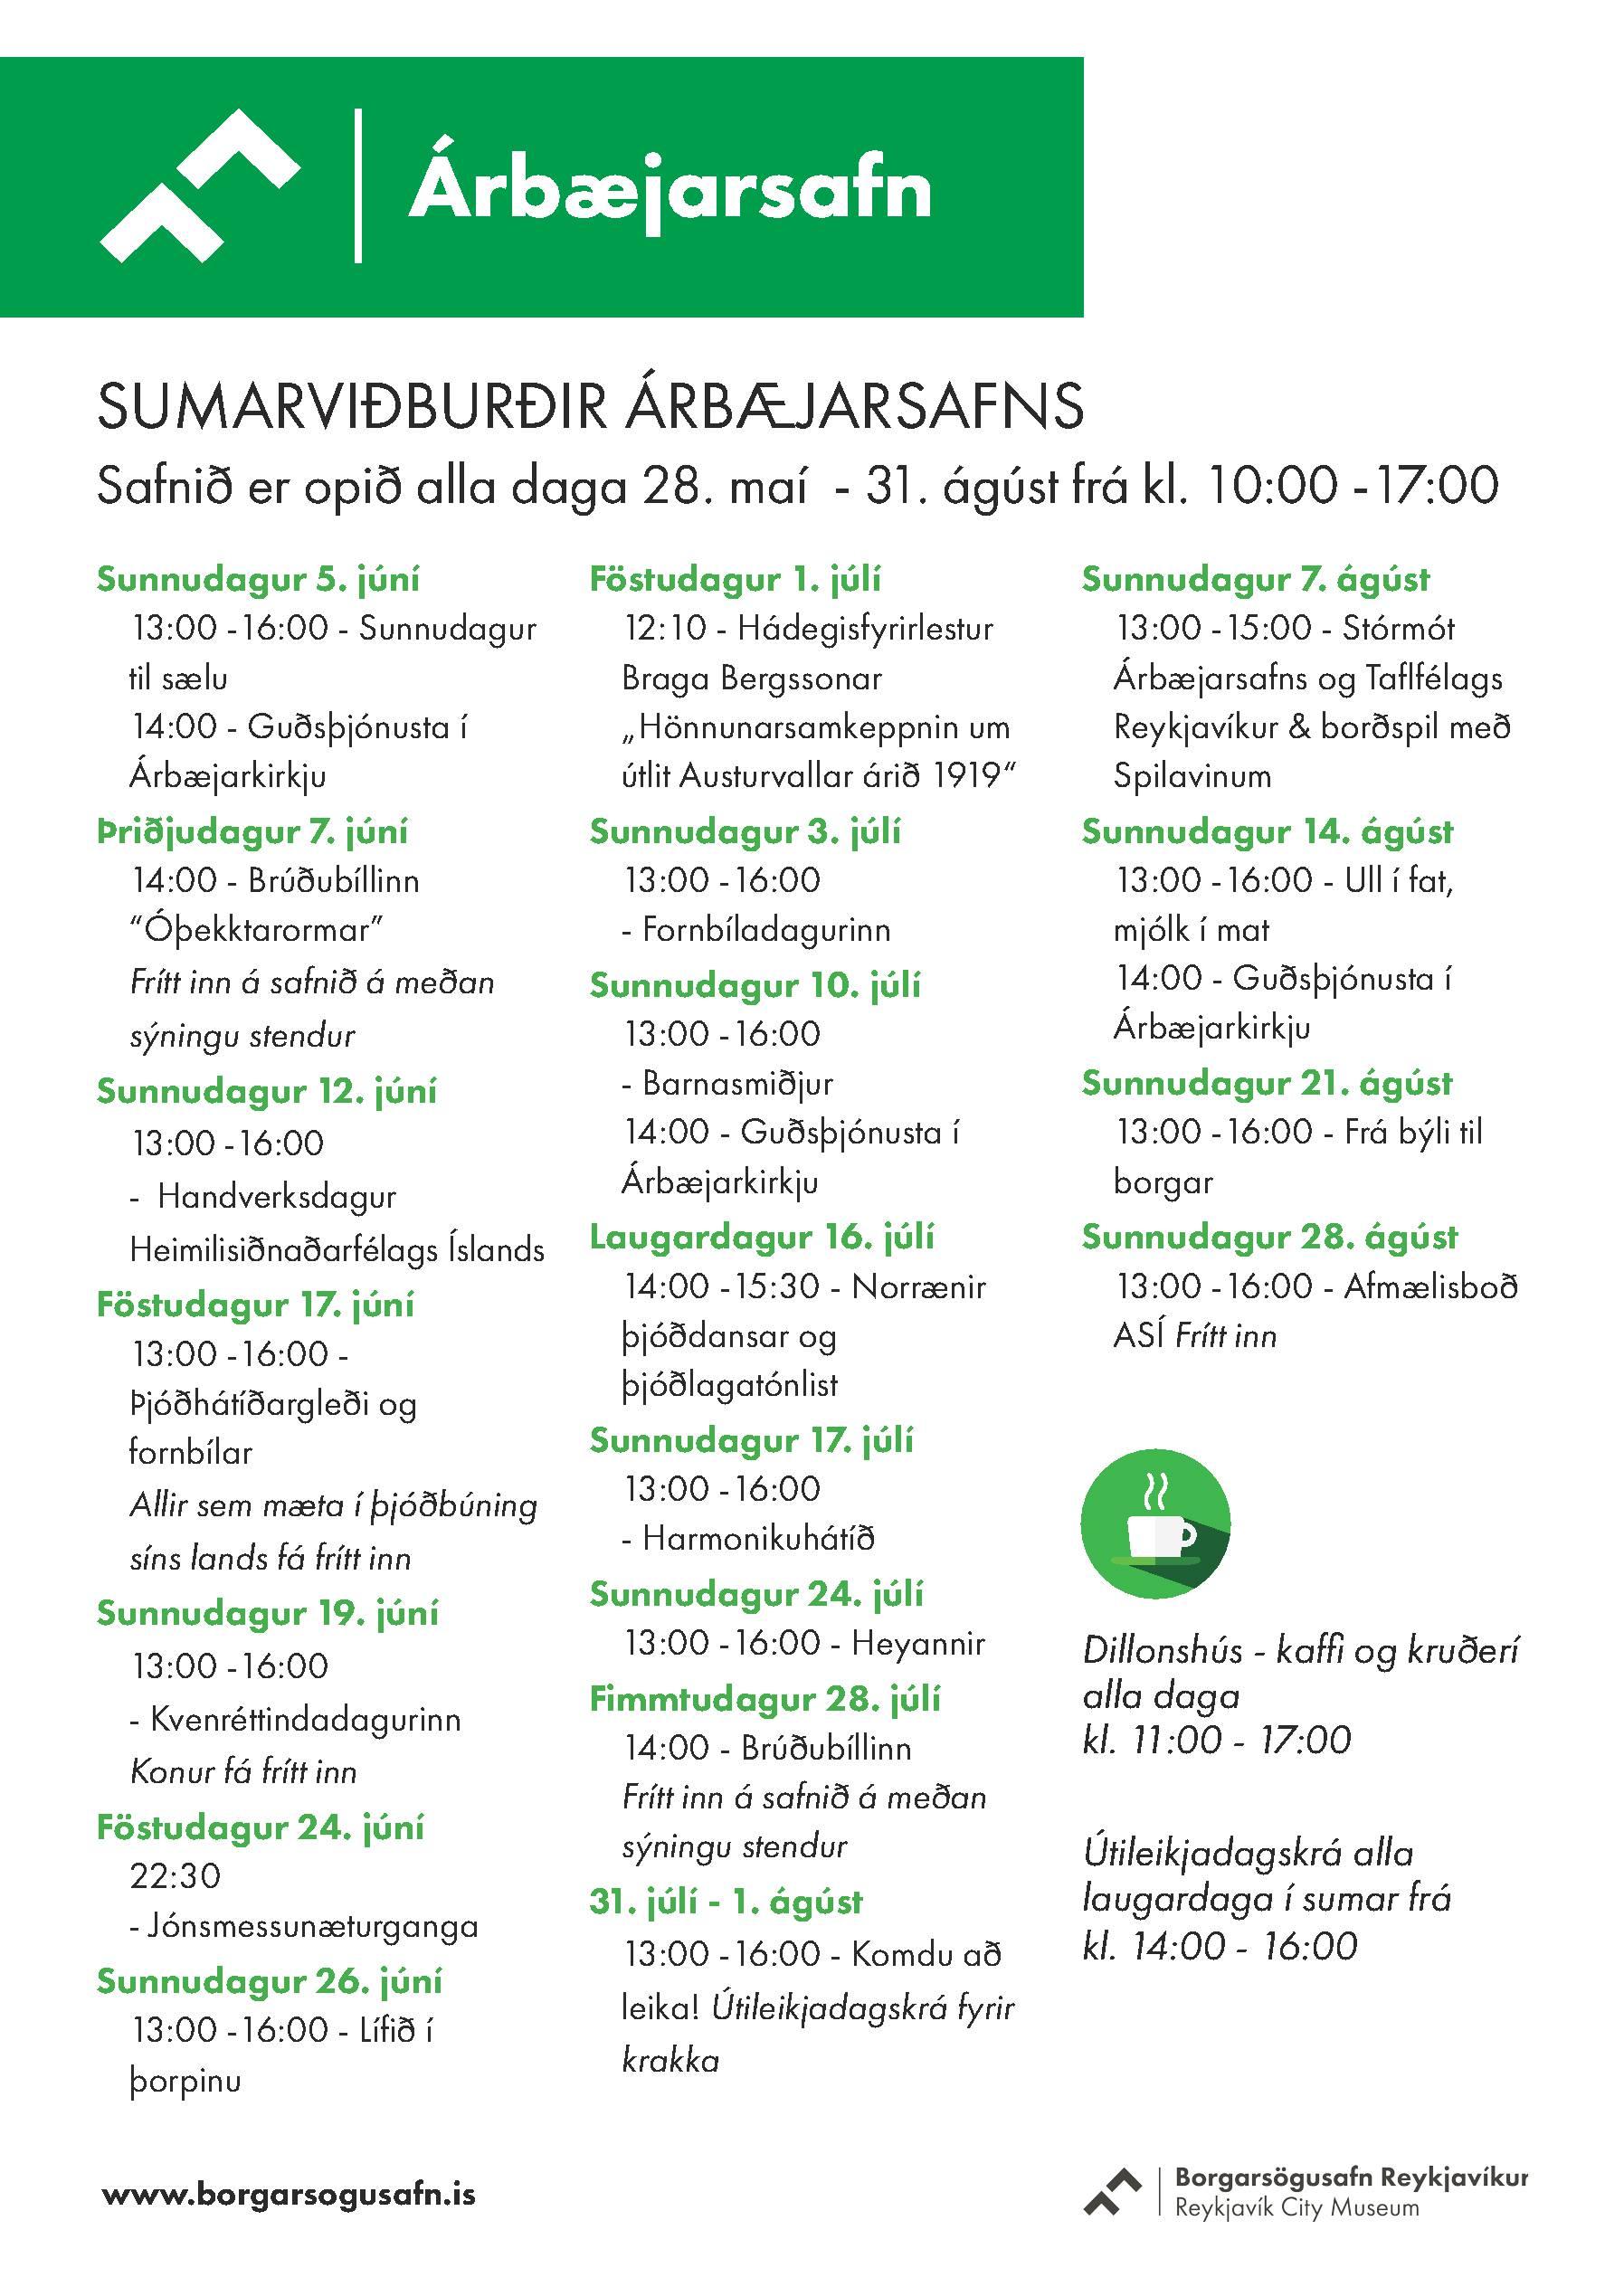 Sumardagskrá Árbæjarsafns 2016